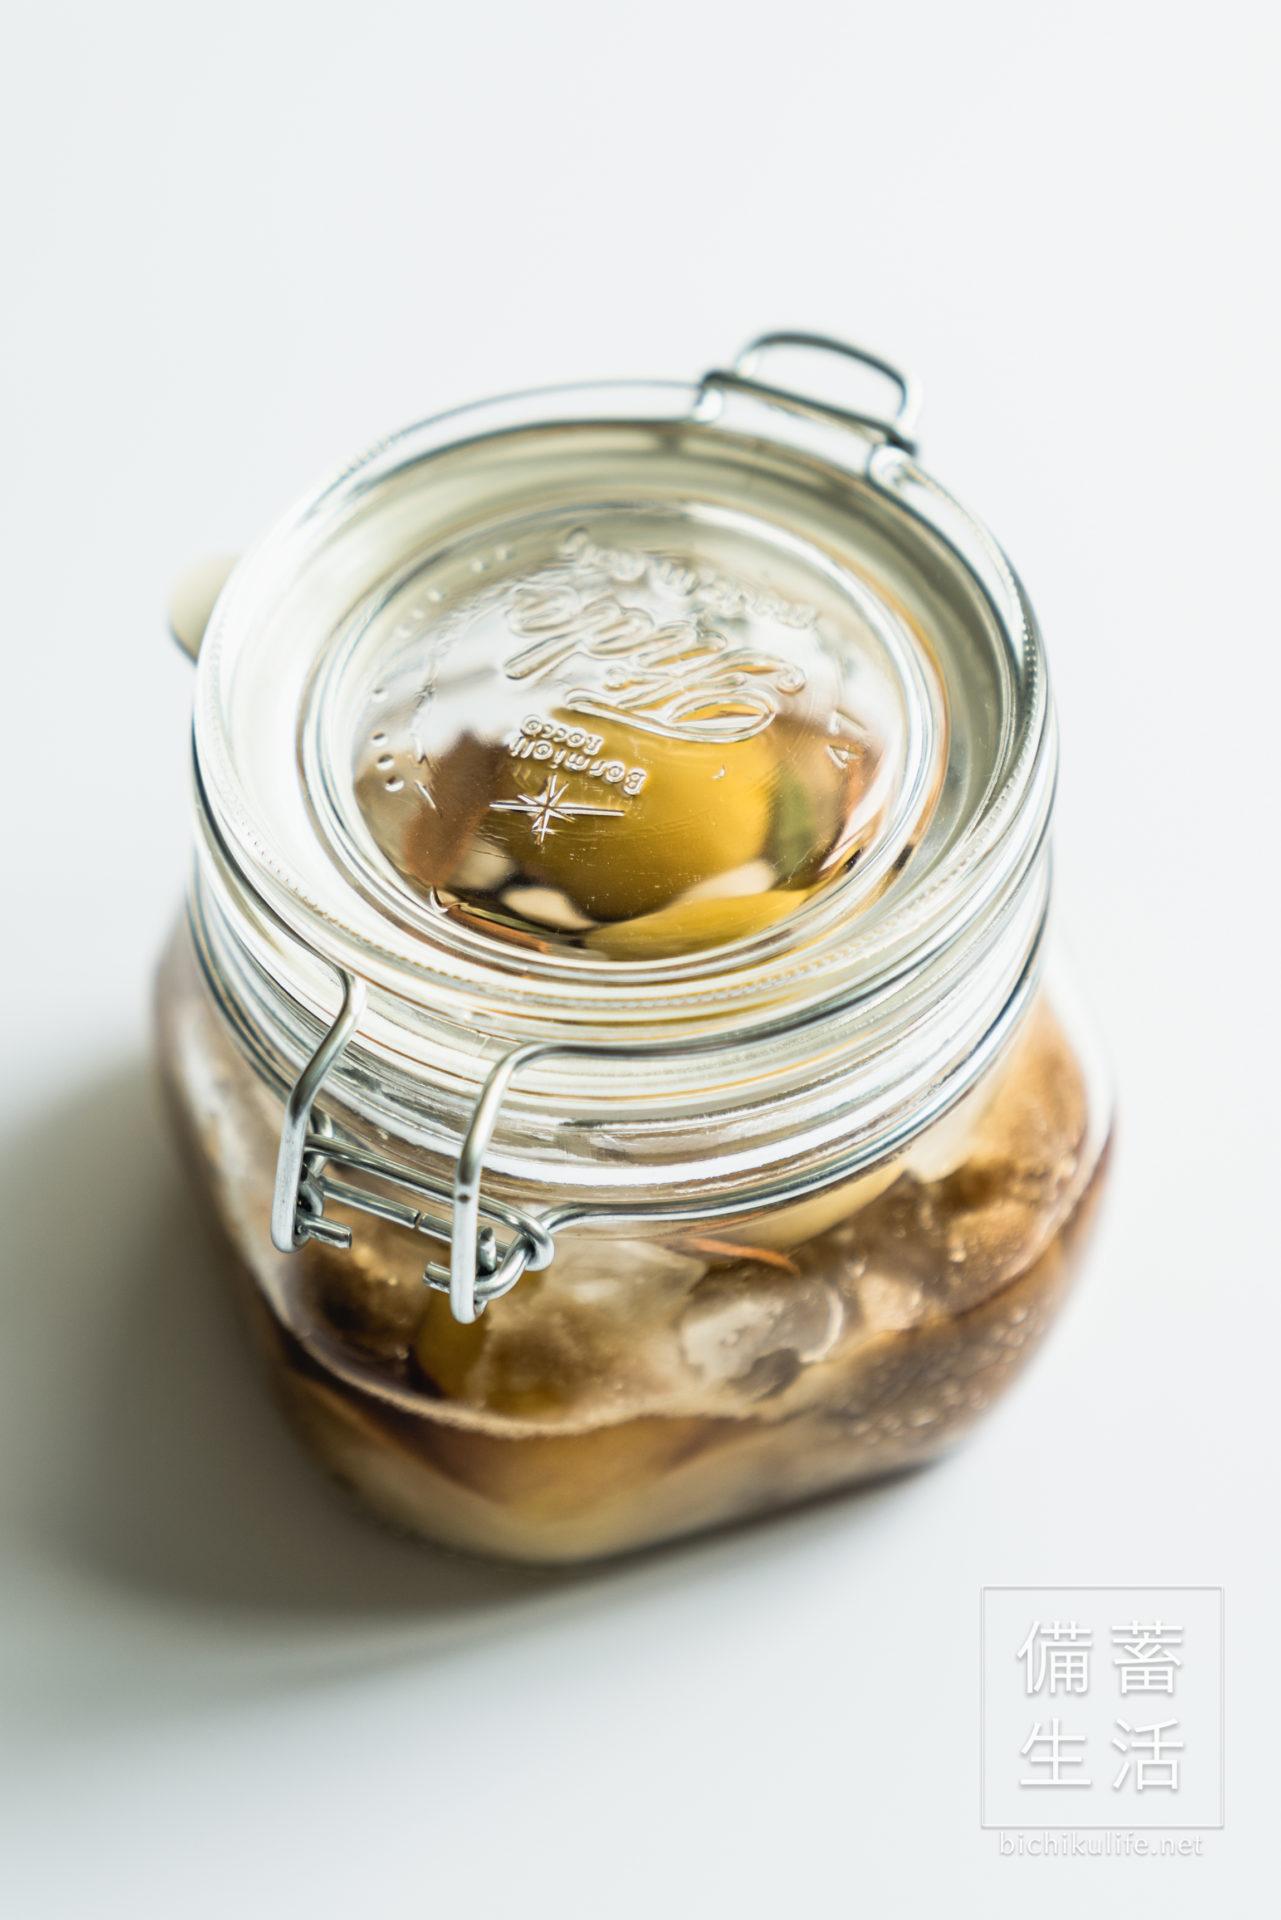 梅シロップ スパイス梅シロップのレシピ、保存瓶を密封する